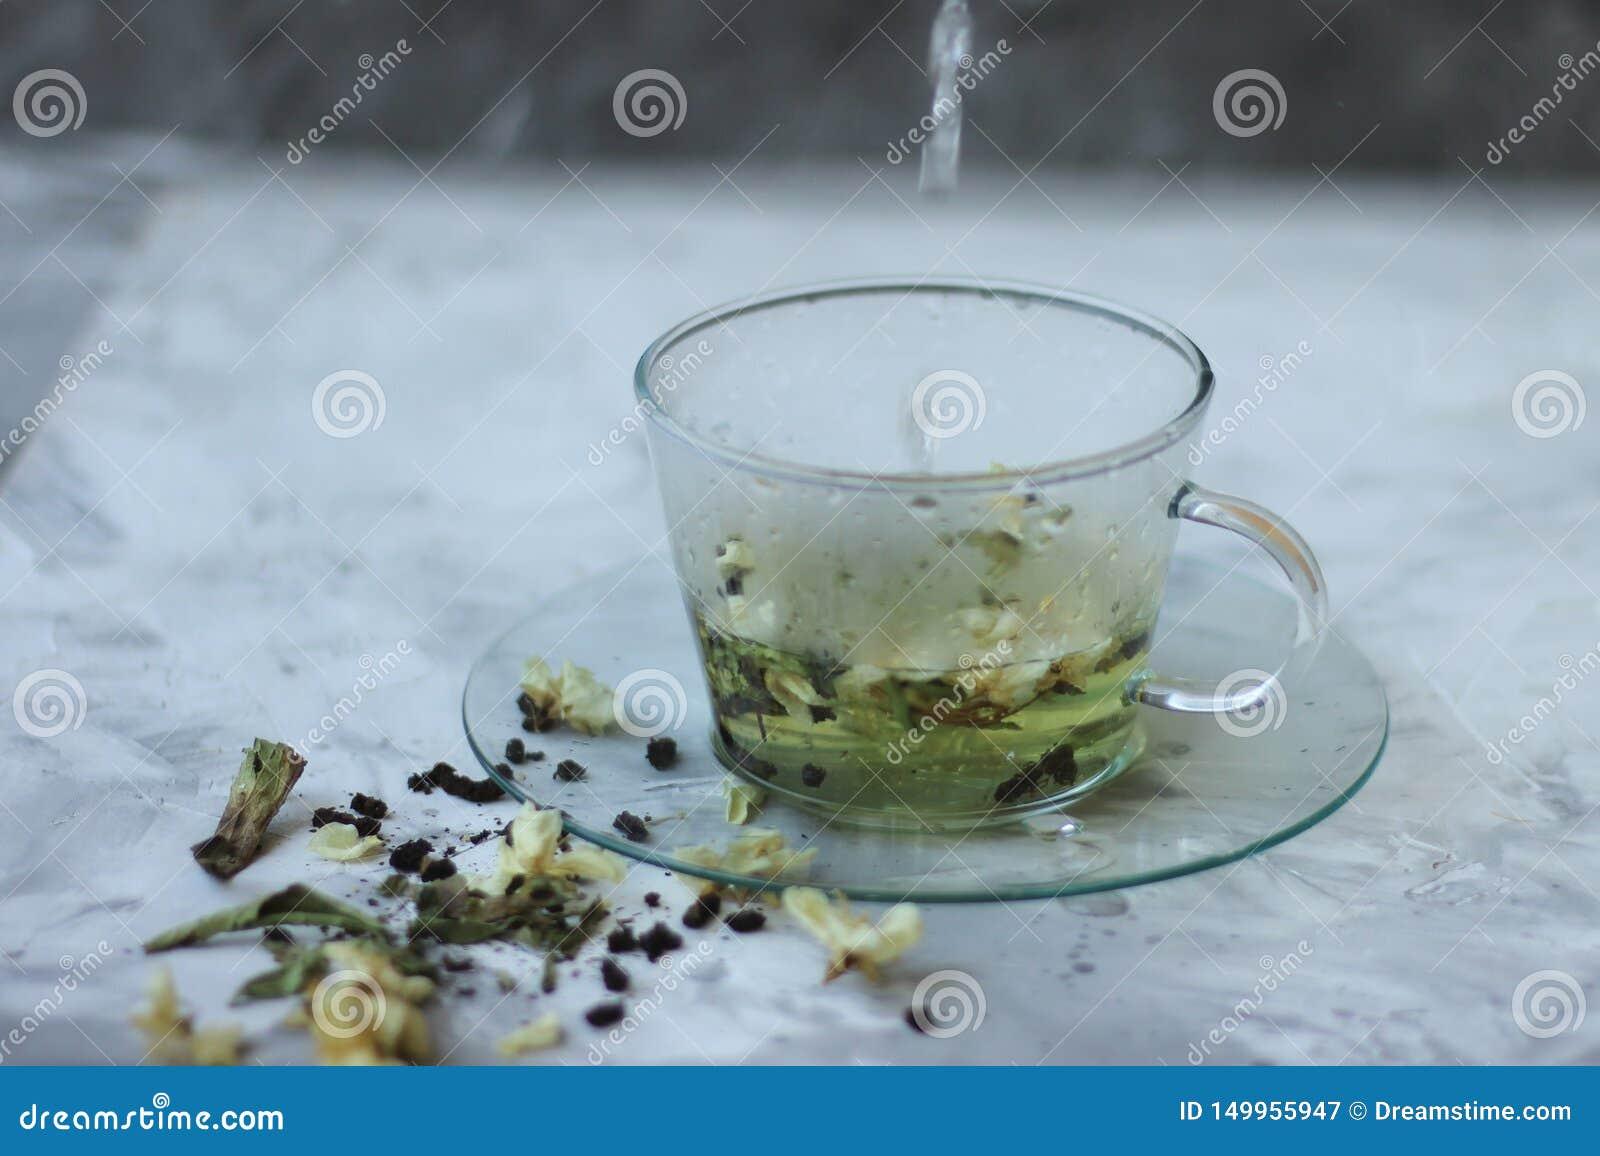 Comida del Detox y beber concepto healfhy de la forma de vida Taza de cristal de té verde con el jazmín en un fondo gris cierre